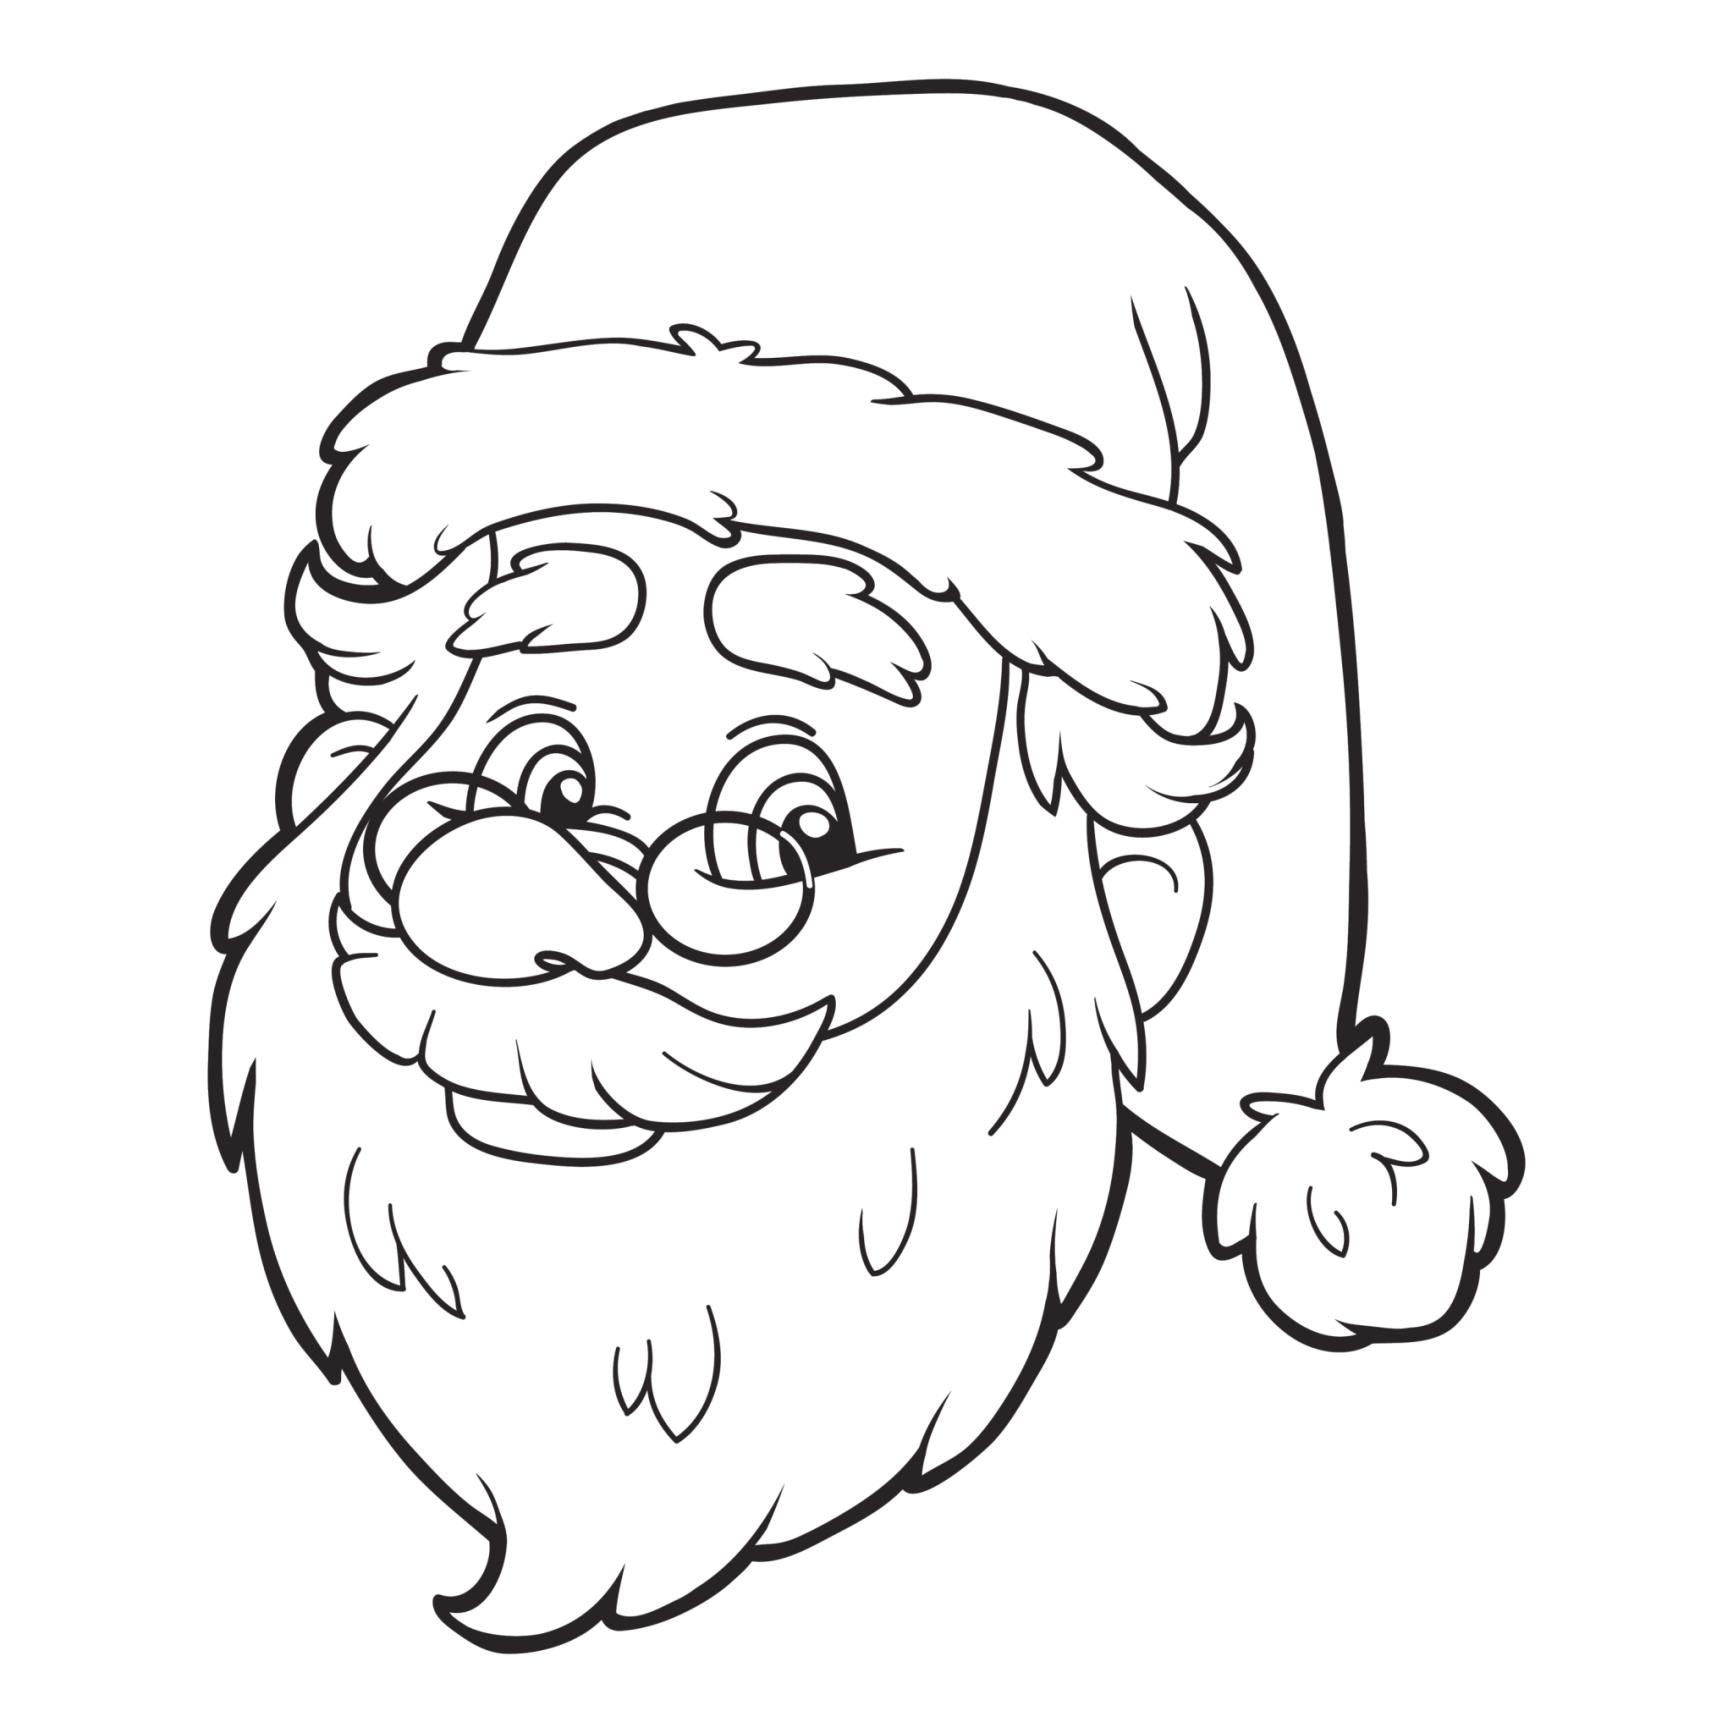 Coloriage De Noel : 20 Modeles A Imprimer - Famili.fr encequiconcerne Coloriage Père Noel Gratuit À Imprimer